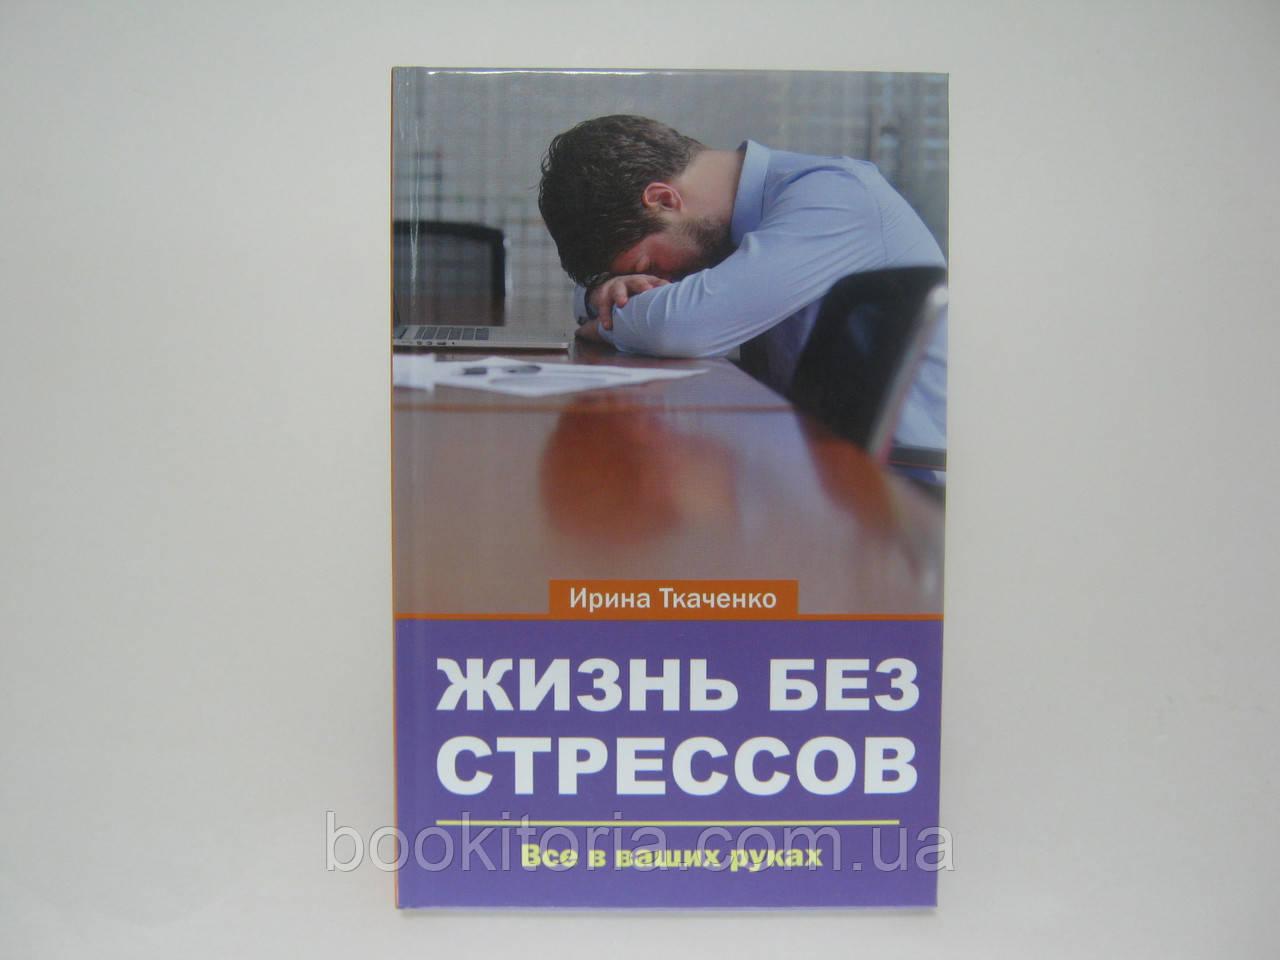 Ткаченко И. Жизнь без стрессов.